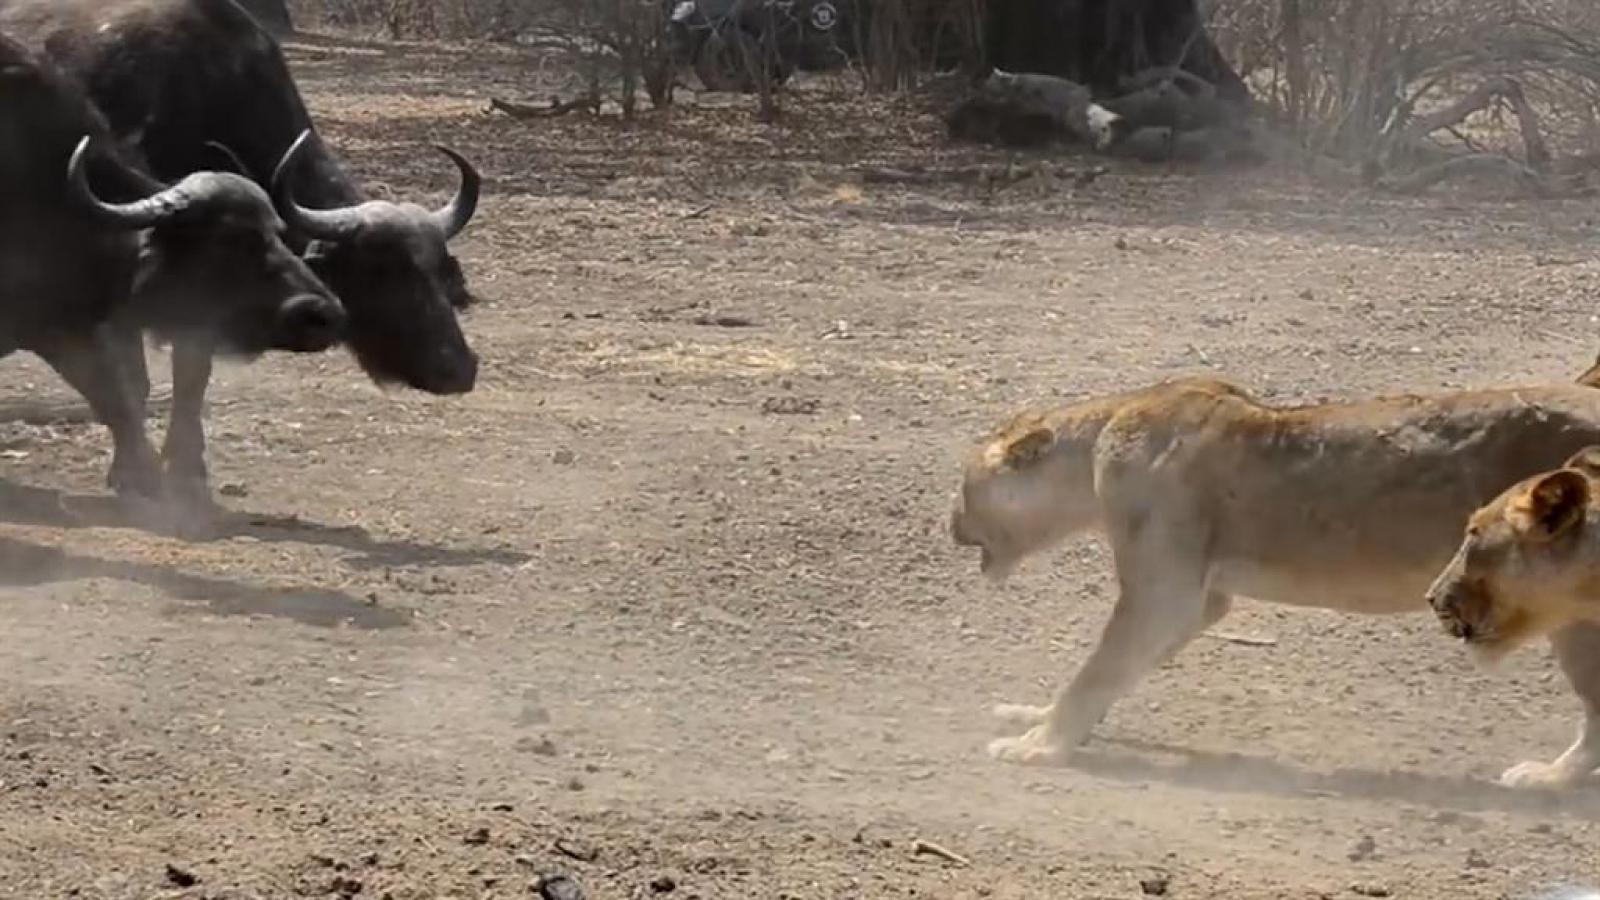 Cuộc chiến giành nguồn nước giữa sư tử và trâu rừng ở công viên quốc gia Zambia